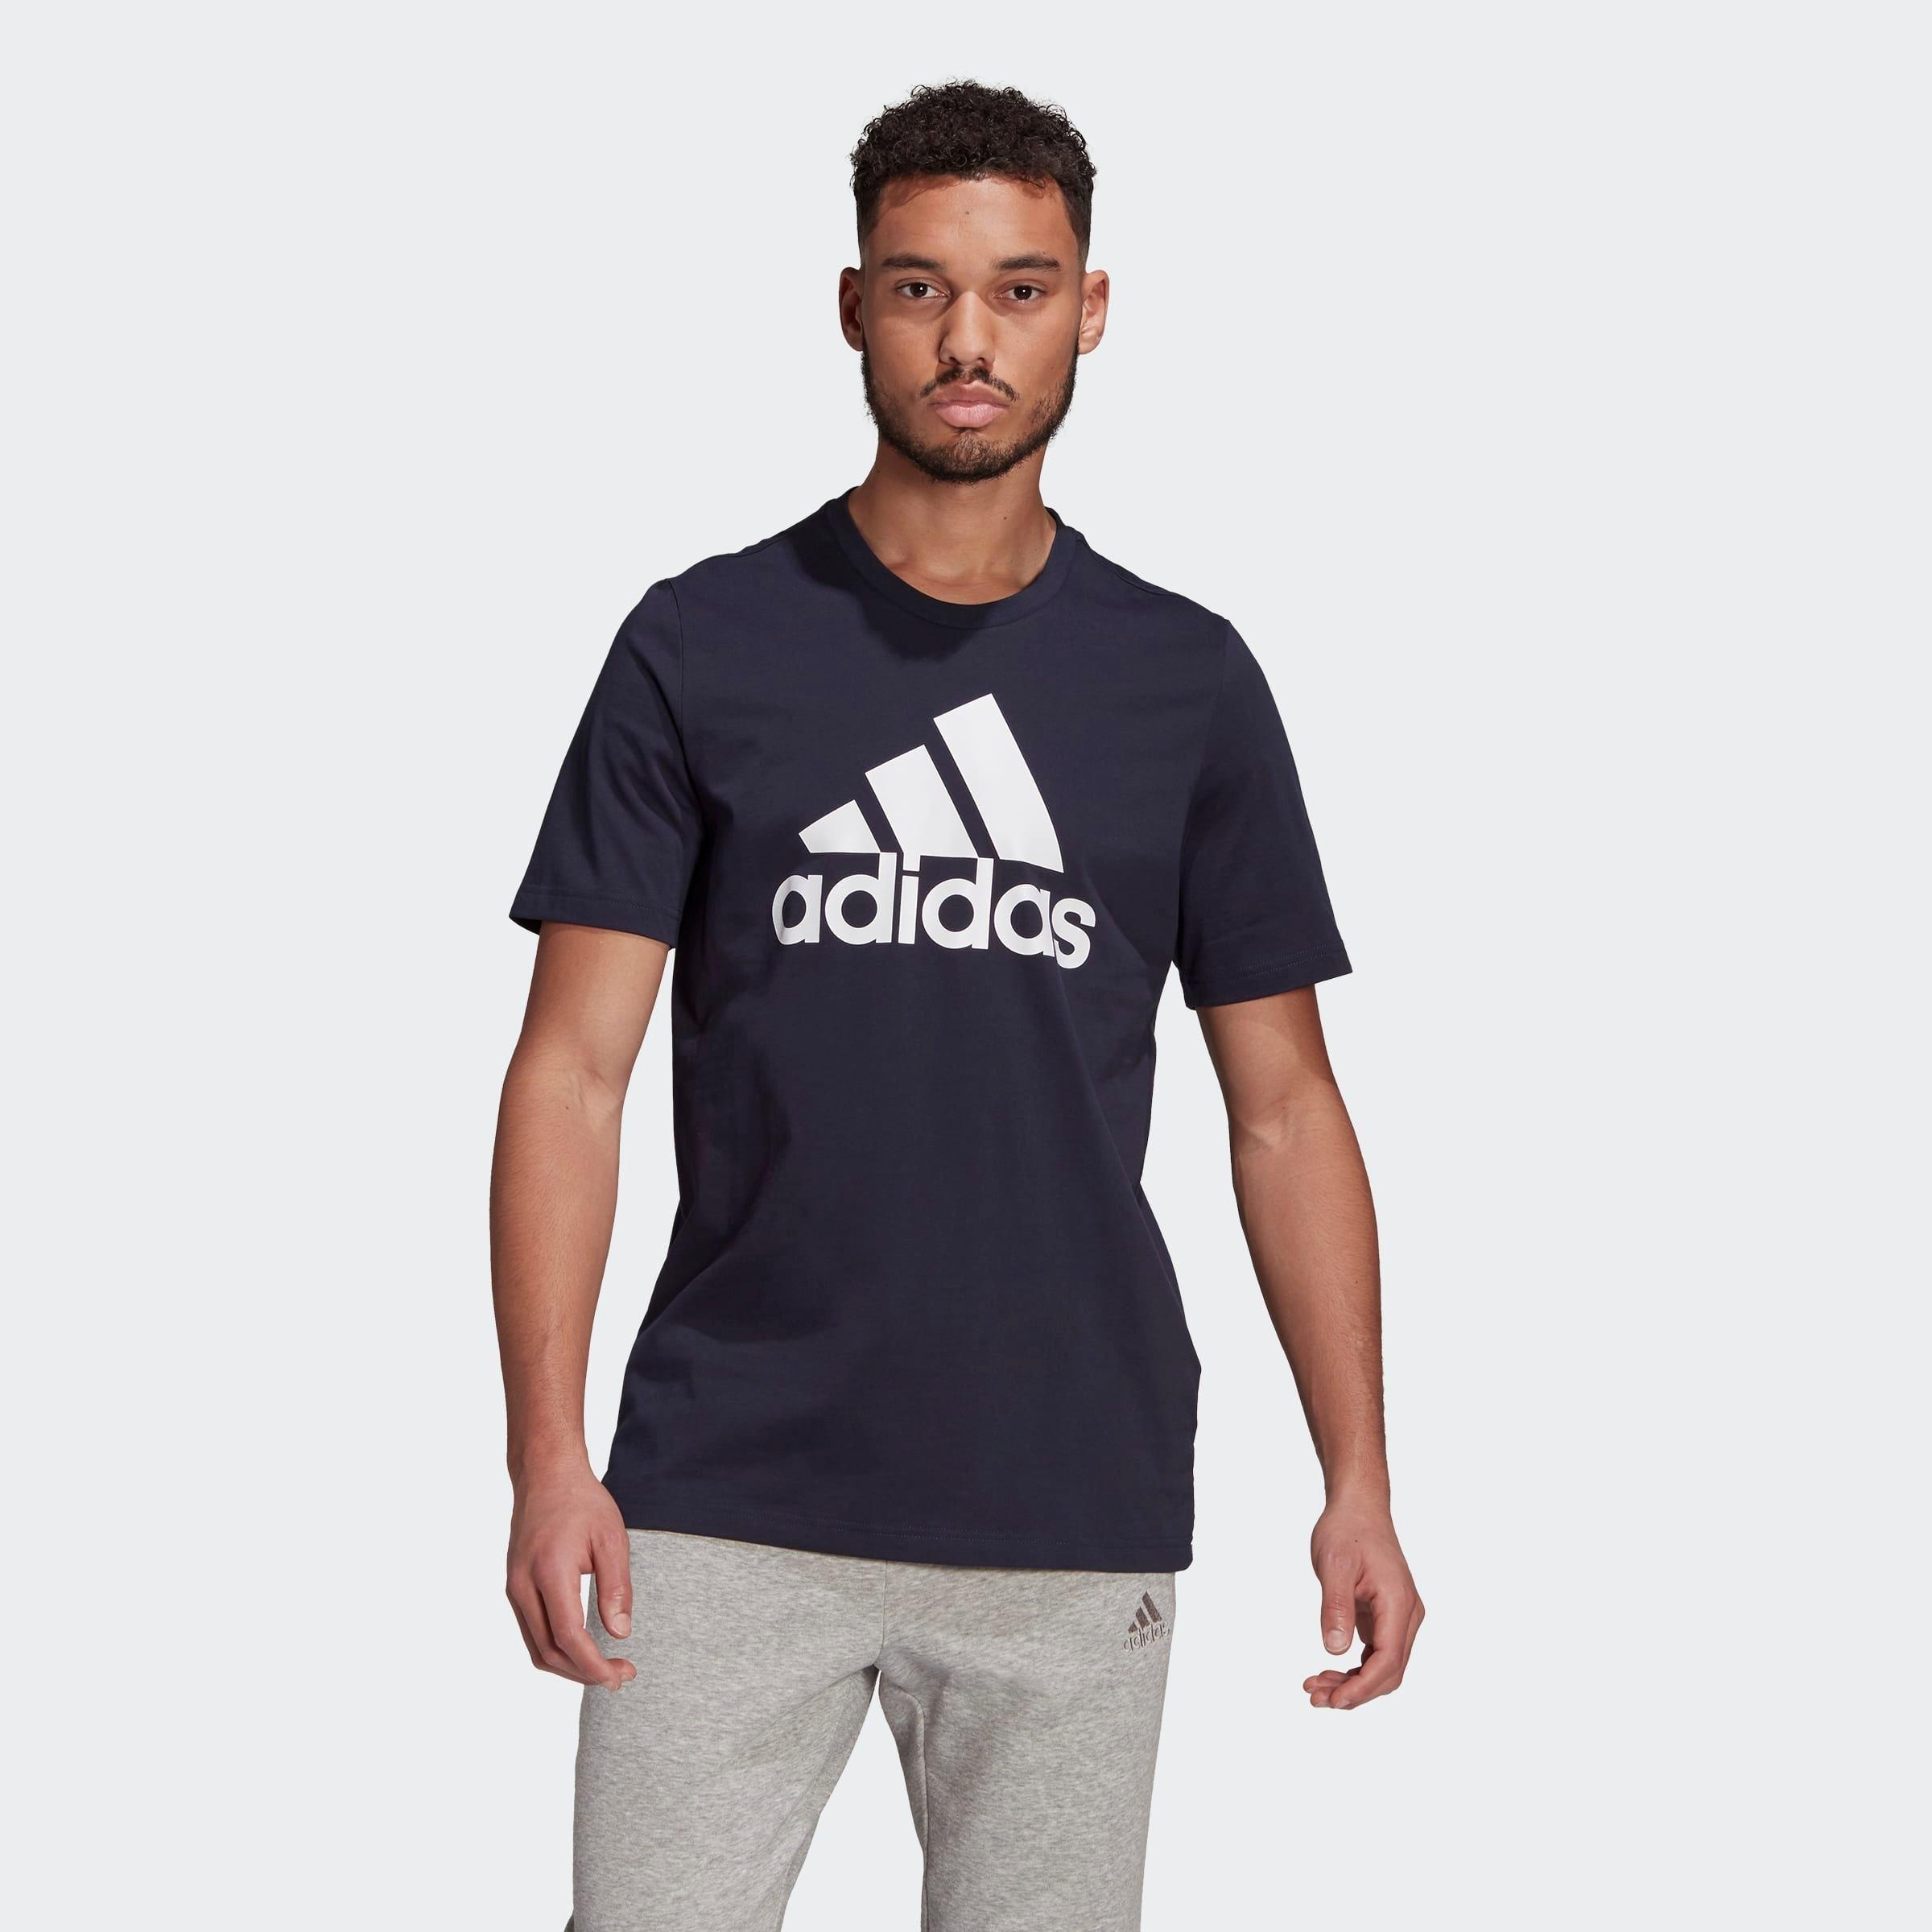 adidas Performance T-shirt ESSENTIALS BIG LOGO nu online bestellen